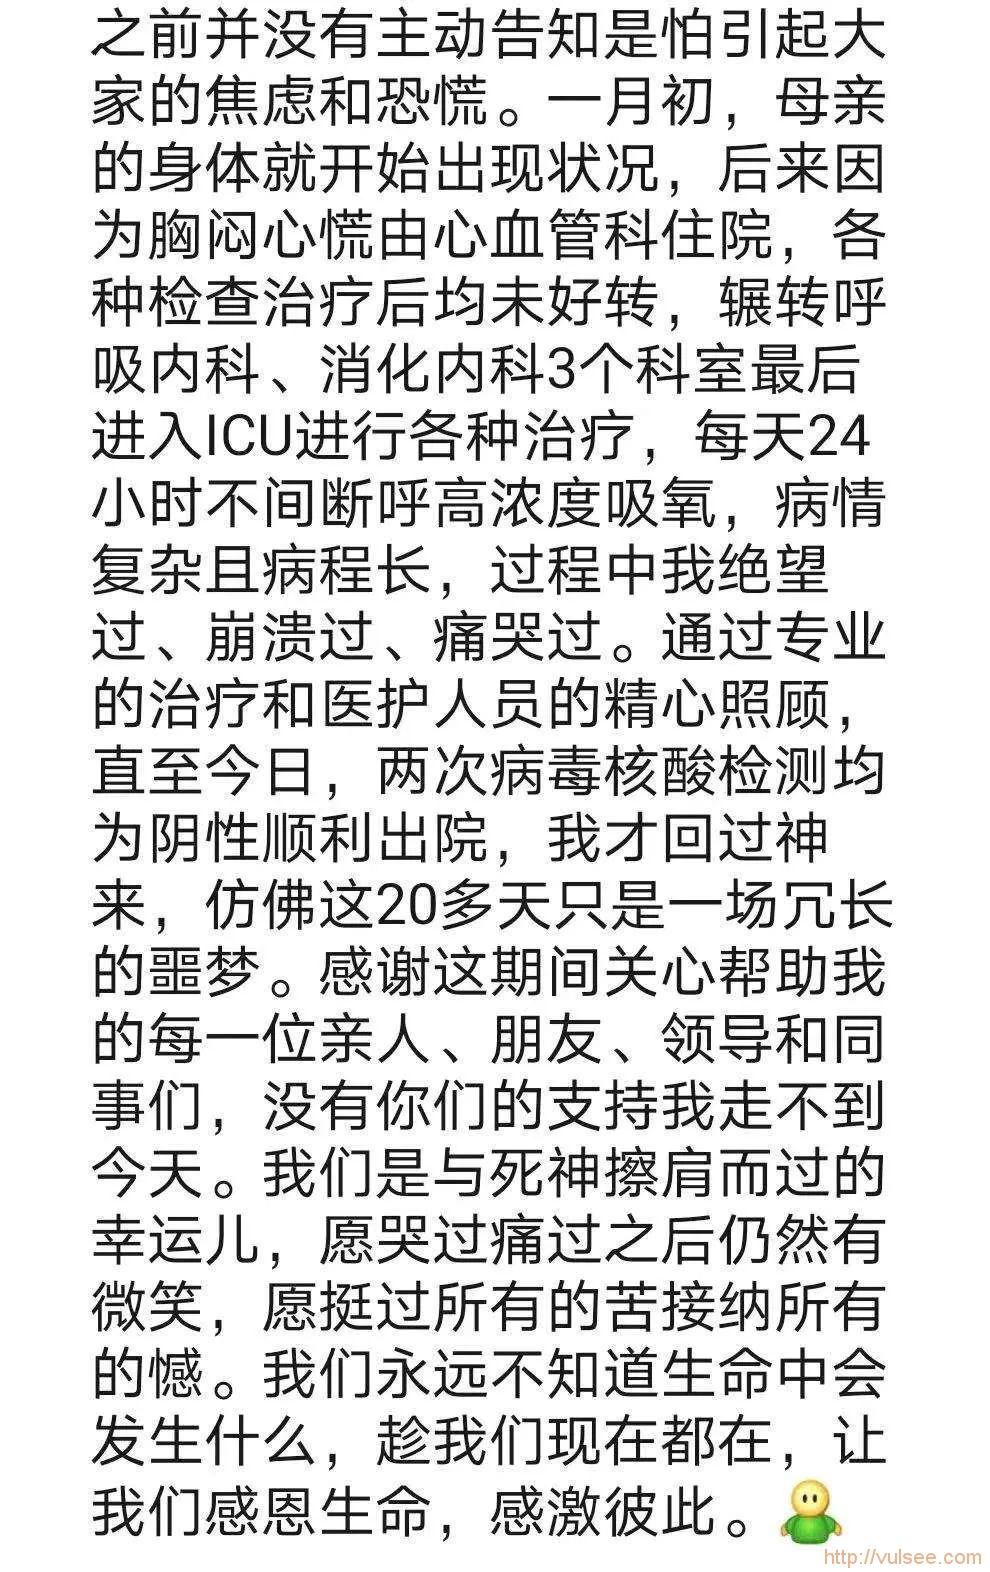 武汉女孩得肺炎后写遗书,在家隔离16天治愈